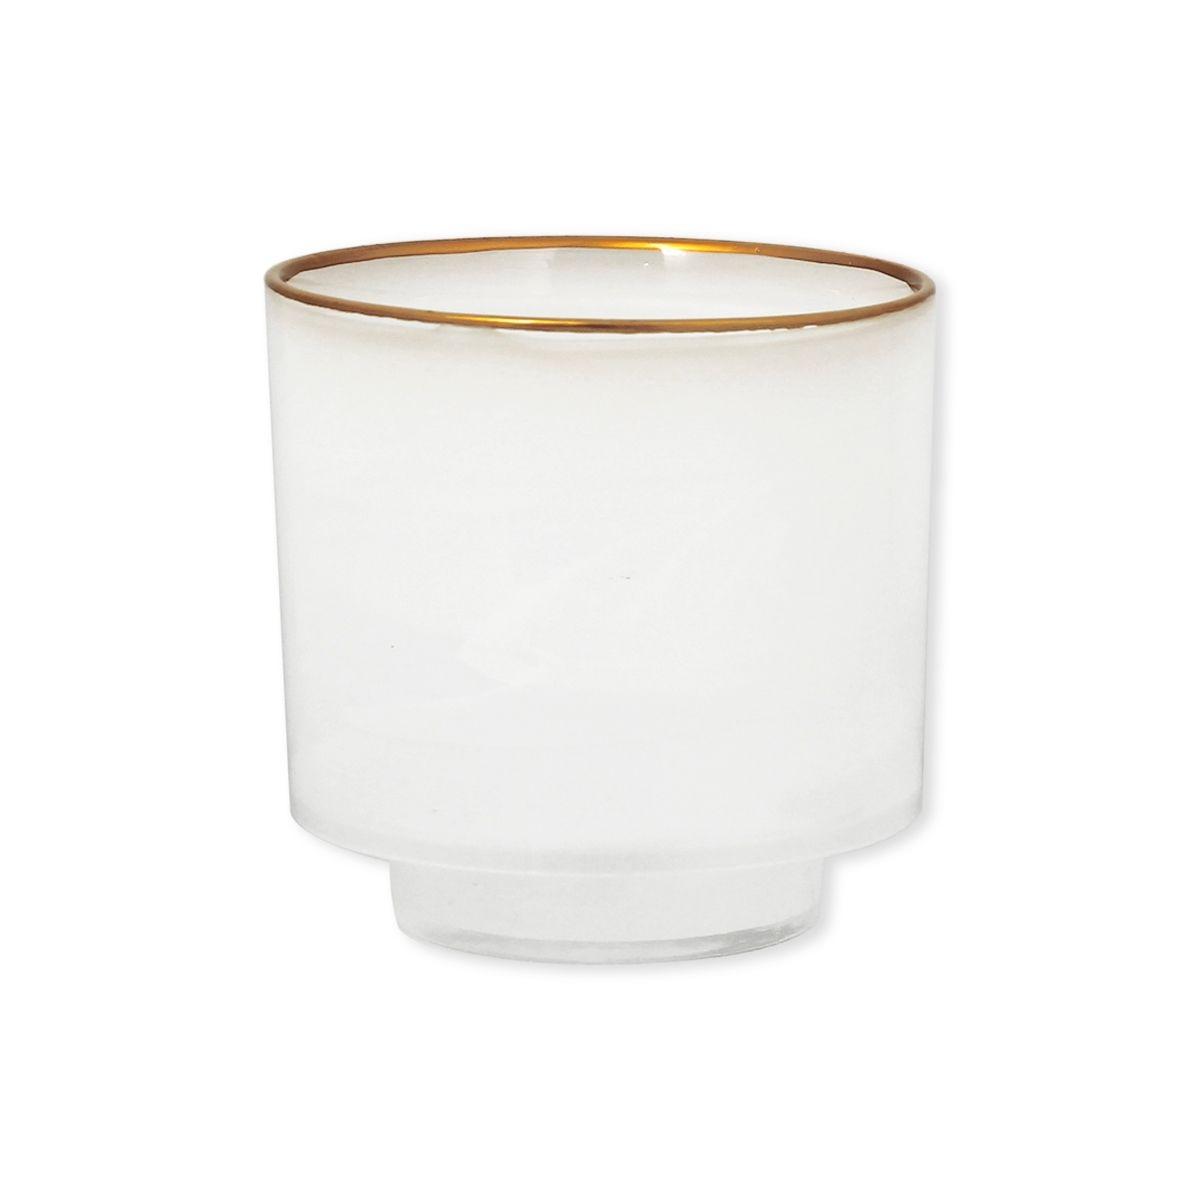 Photophore blanc en verre filet or 10cm - Lot de 2 - LORADA